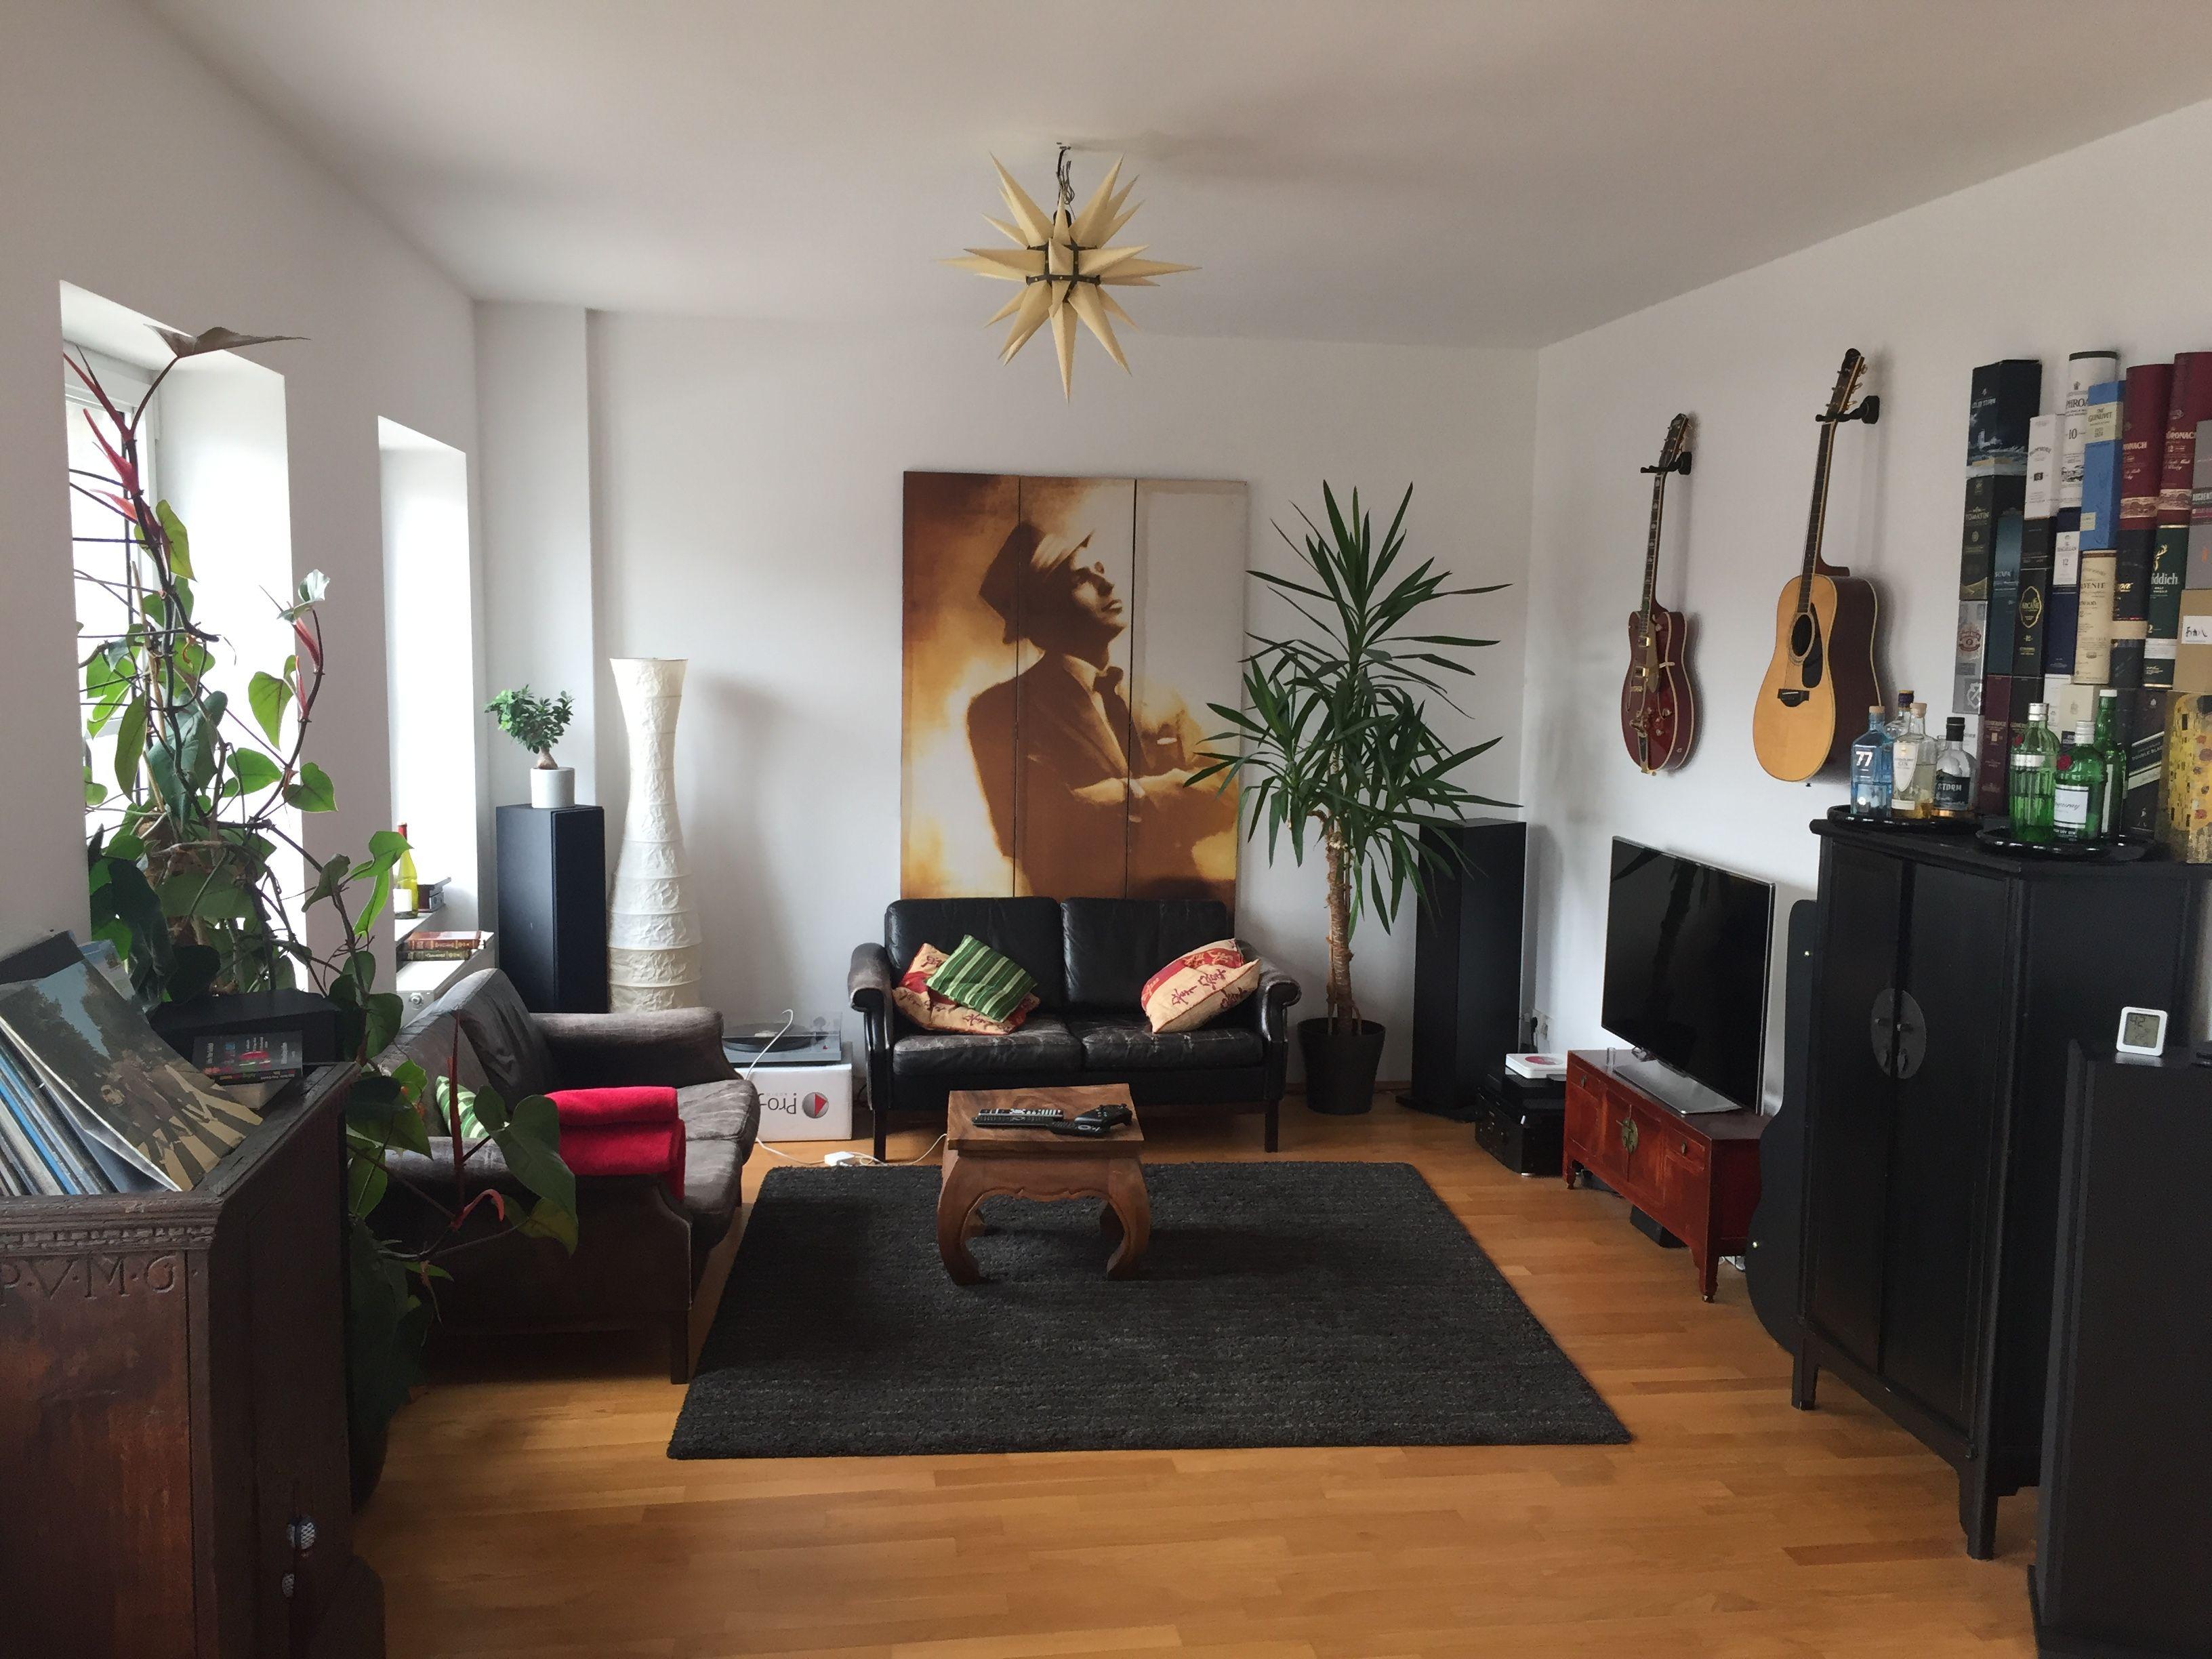 Dieses gemütliche Wohnzimmer im Herzen Kölns wurde